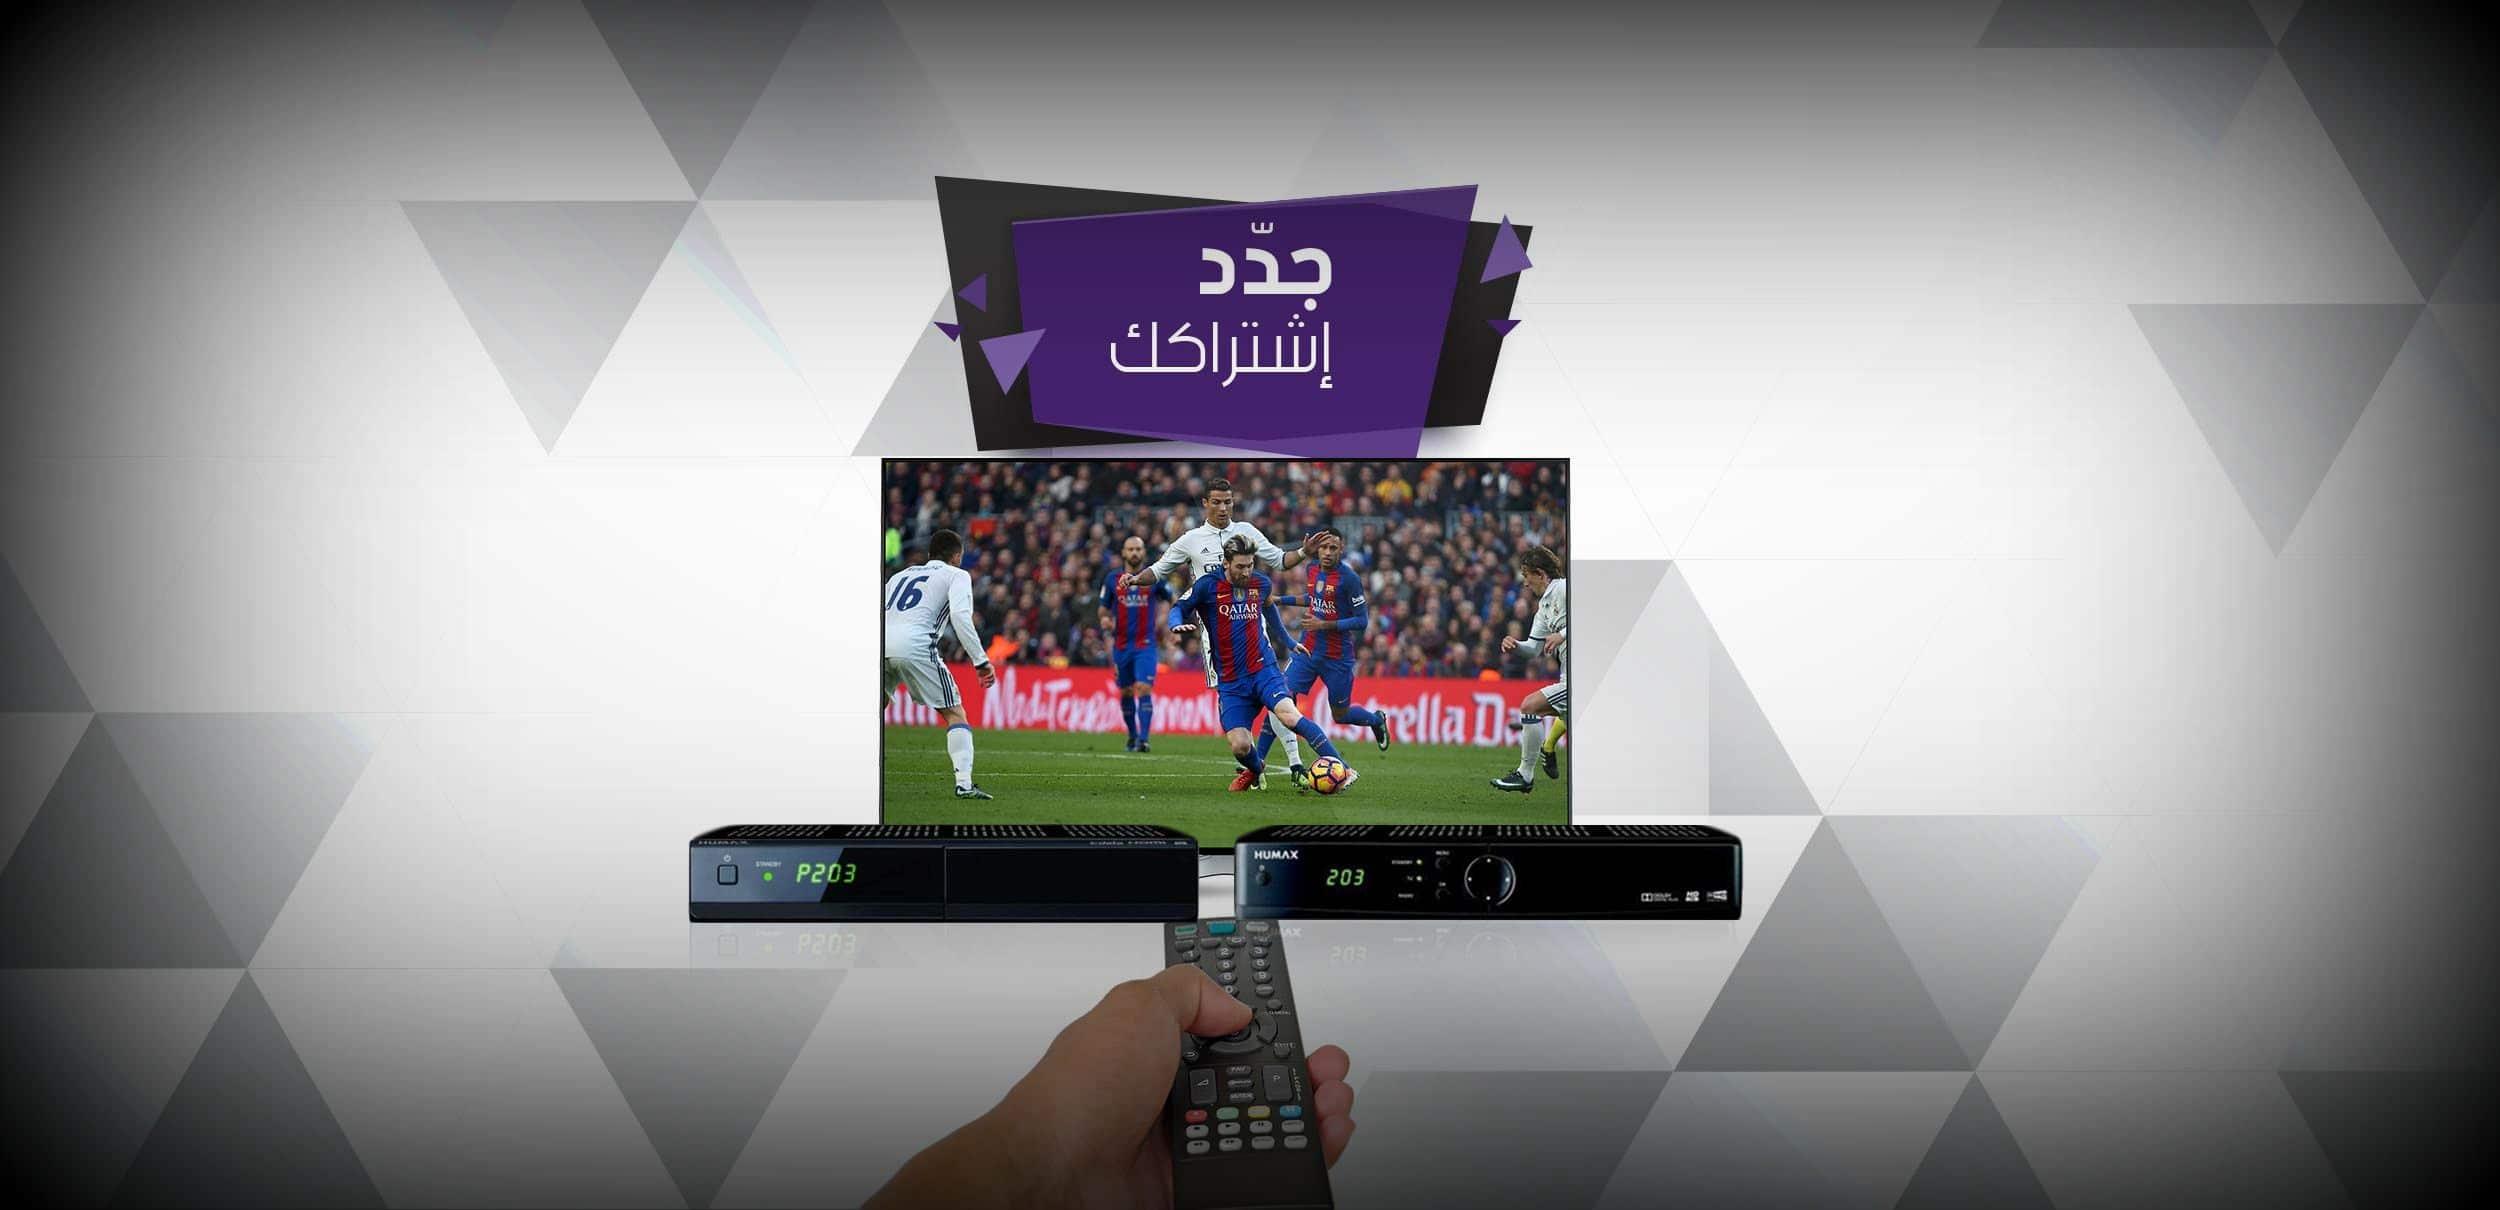 بي ان سبورت الكويت الدسمة 66001509